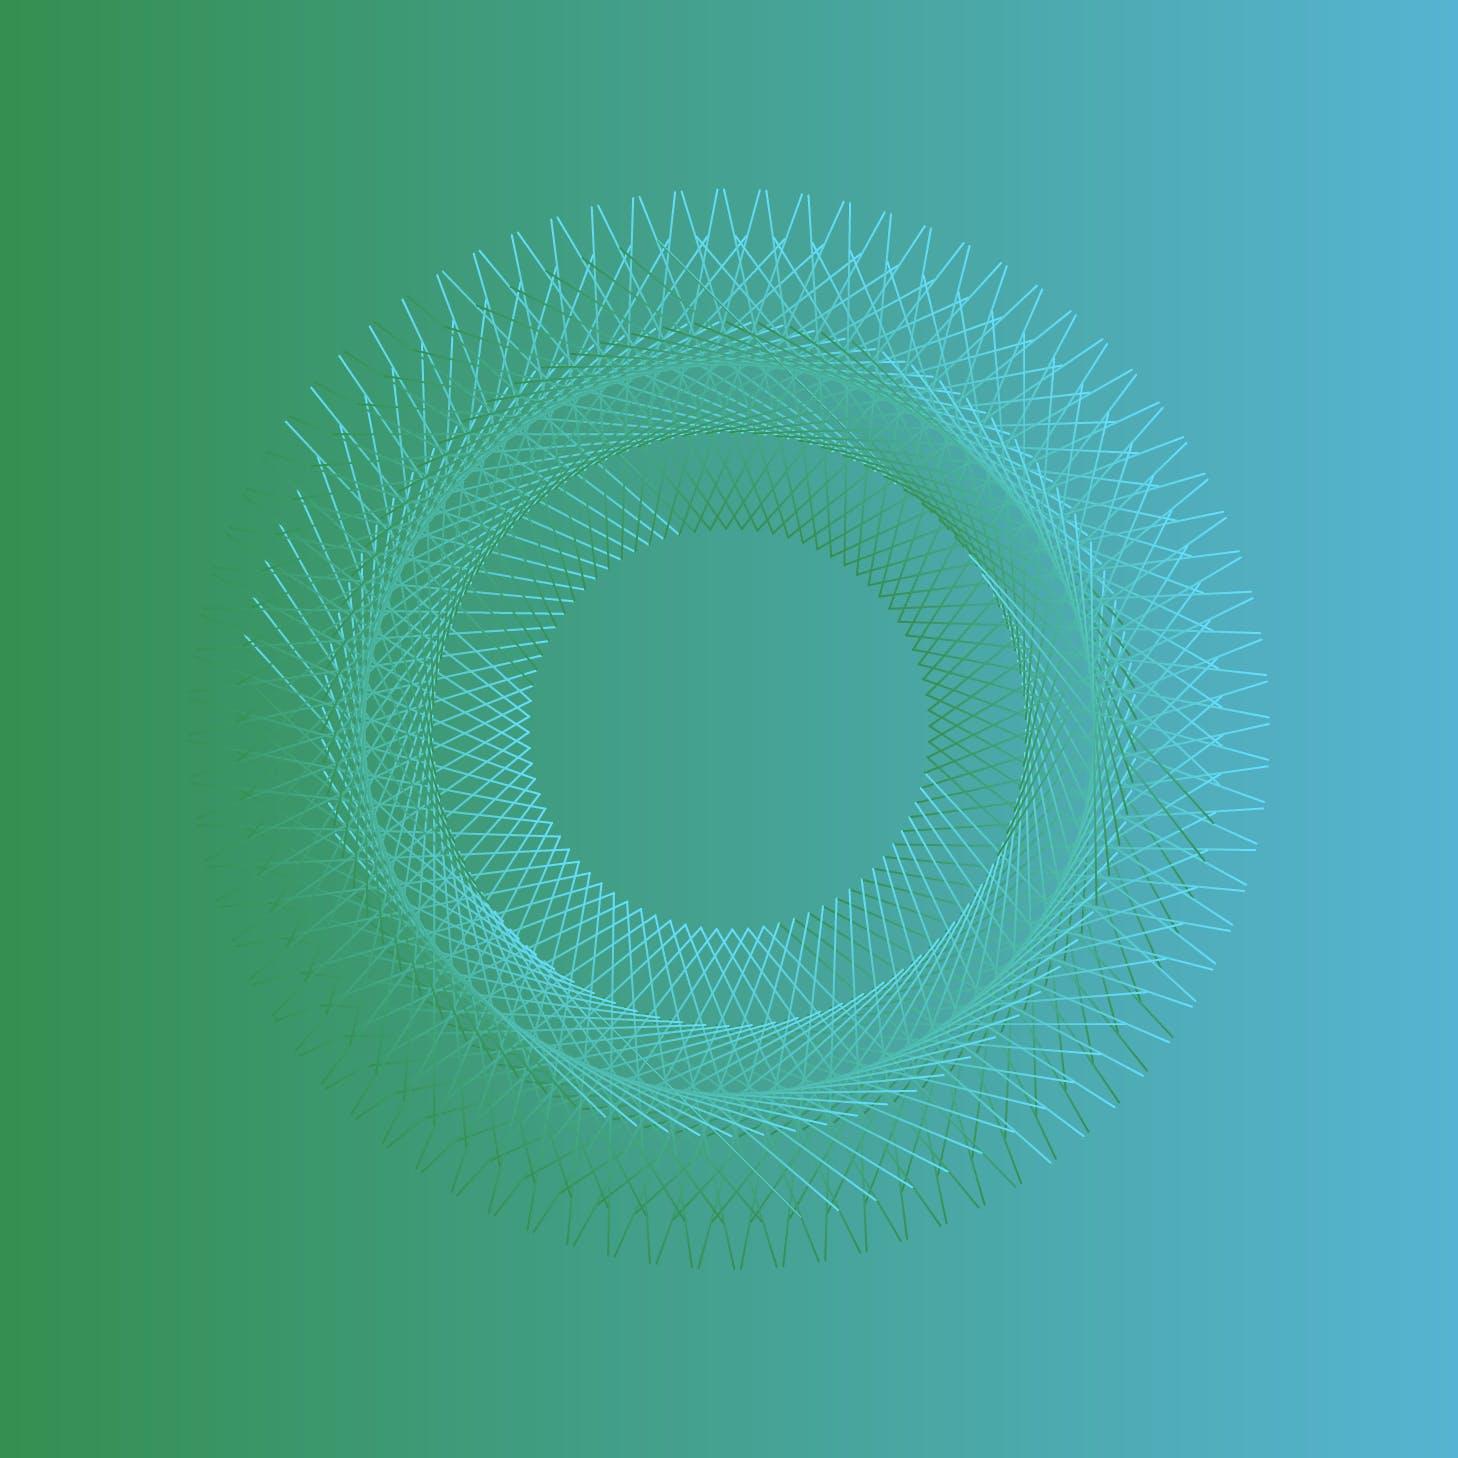 8款螺旋状线条网格矢量图案素材 Geometric Spiral Collection插图(3)